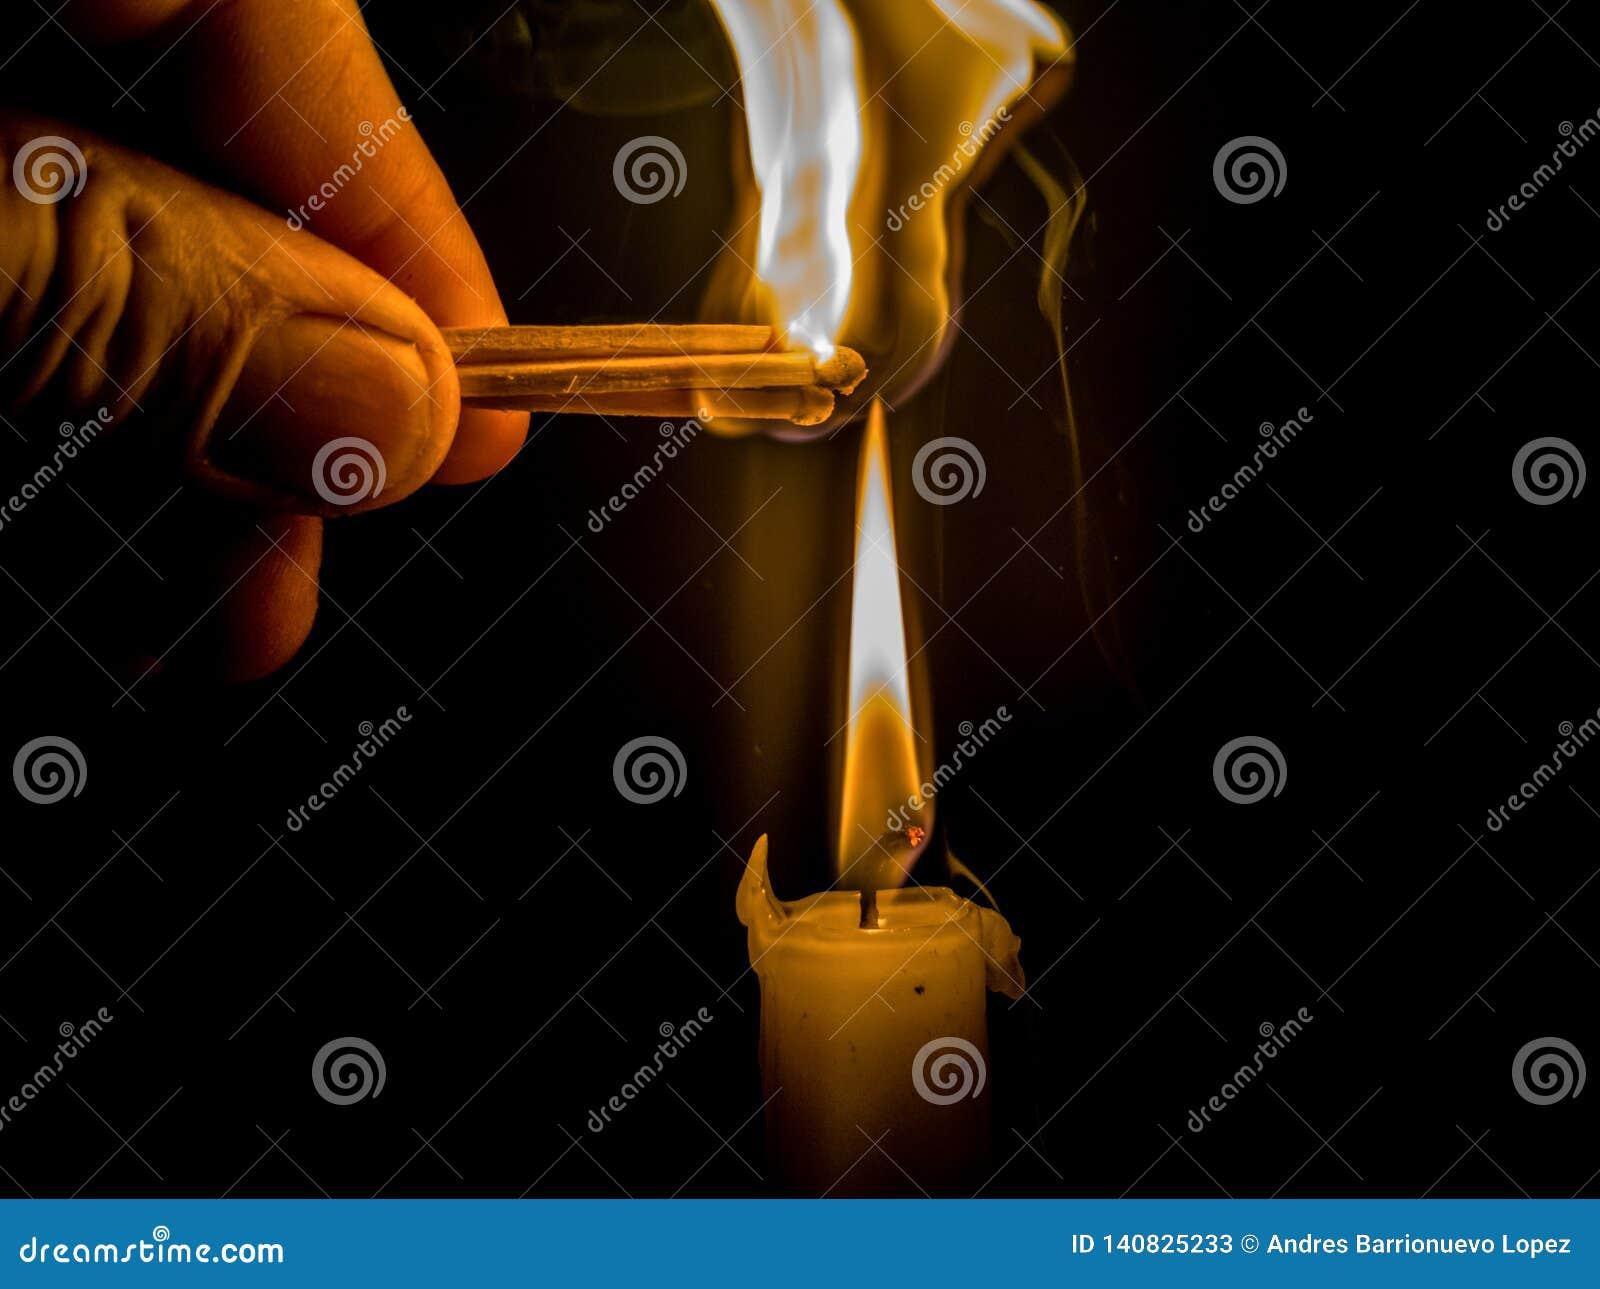 Matchs brûlant pour allumer une bougie